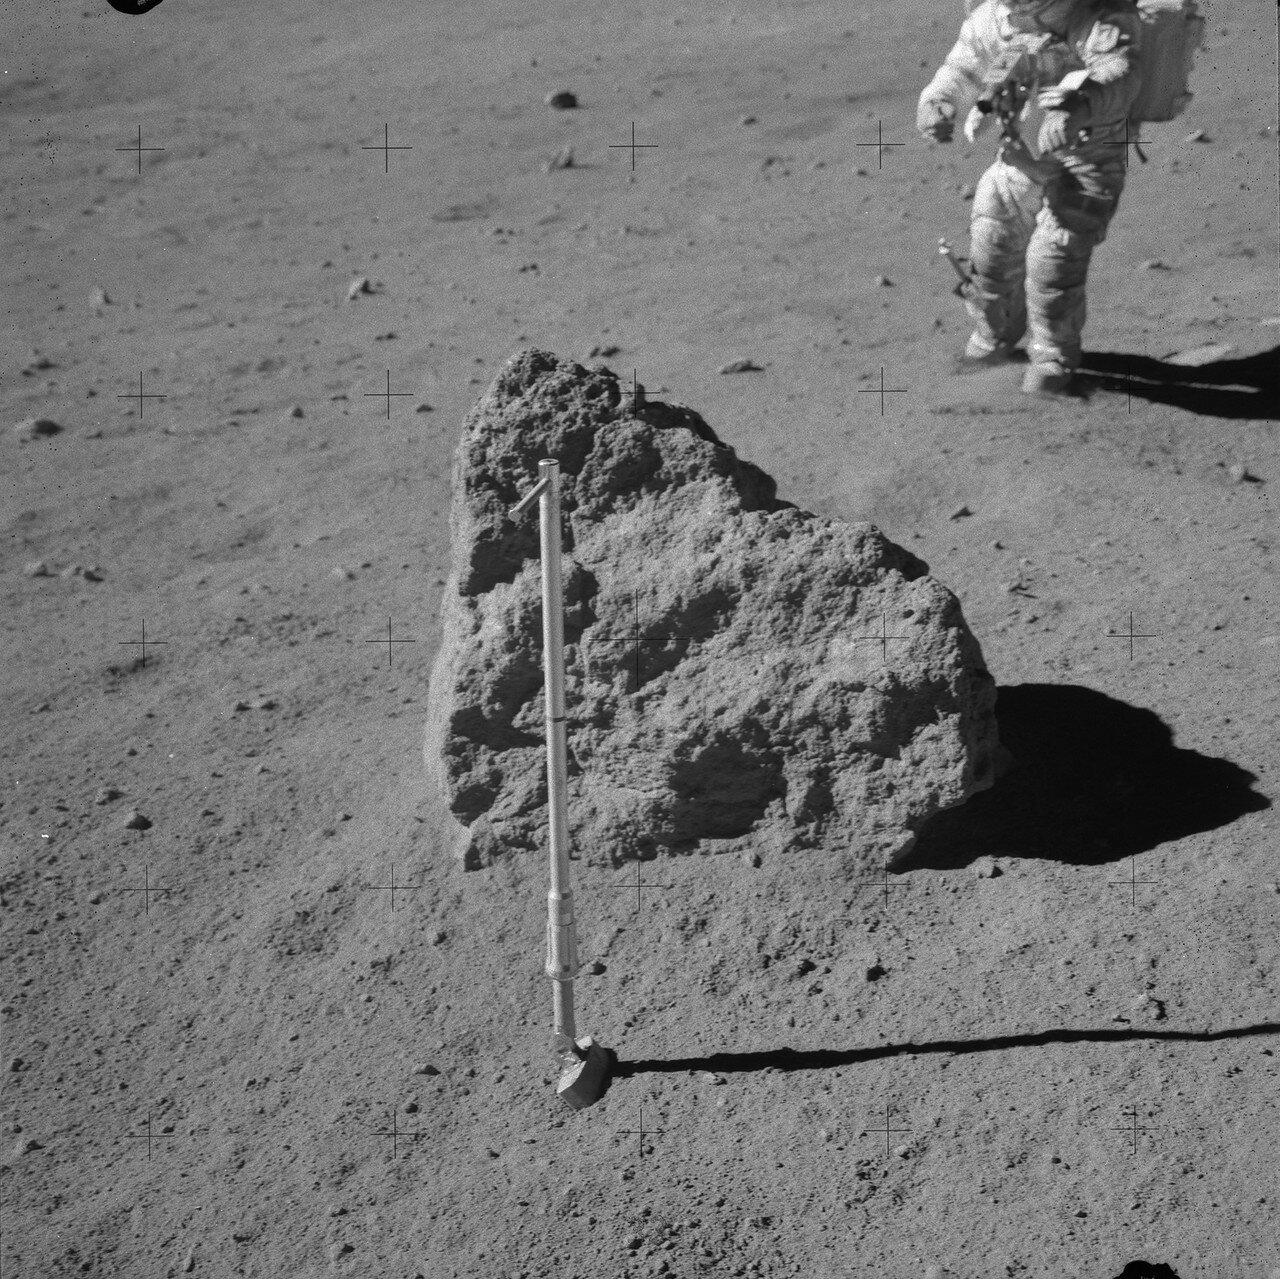 Астронавты хотели перевернуть один из валунов, чтобы взять пробу грунта из-под него, но отказались от этой идеи. Валун был слишком большим. На снимке: Валун, который Янг и Дьюк не смогли перевернуть на Station 8. На заднем плане Джон Янг